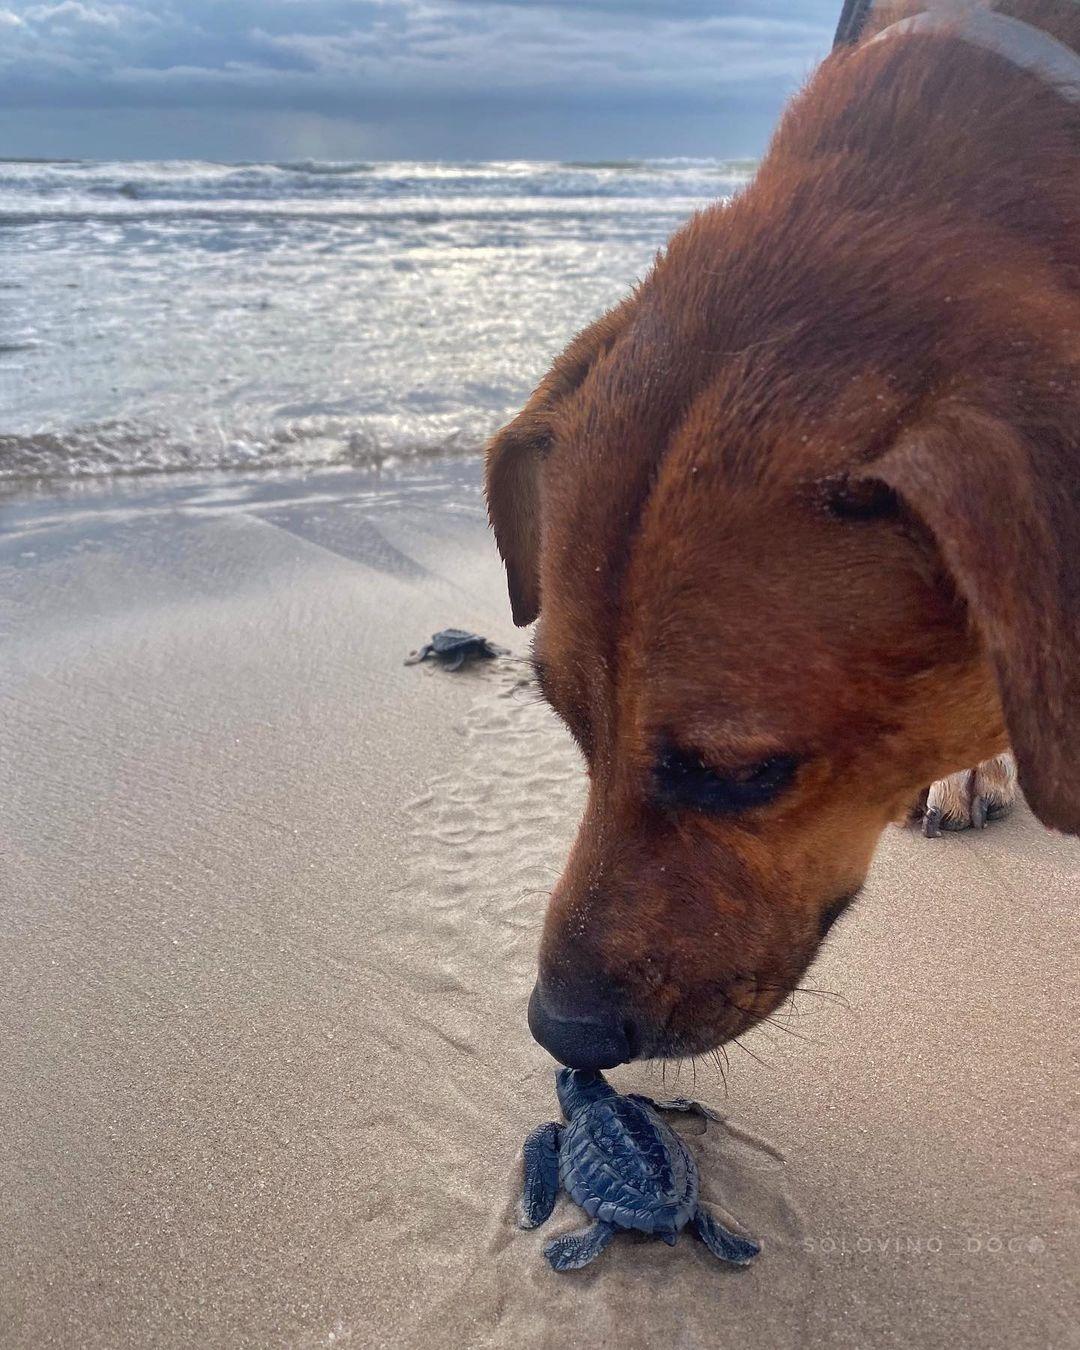 Solovino el perro viral que cuida tortugas mexicanas